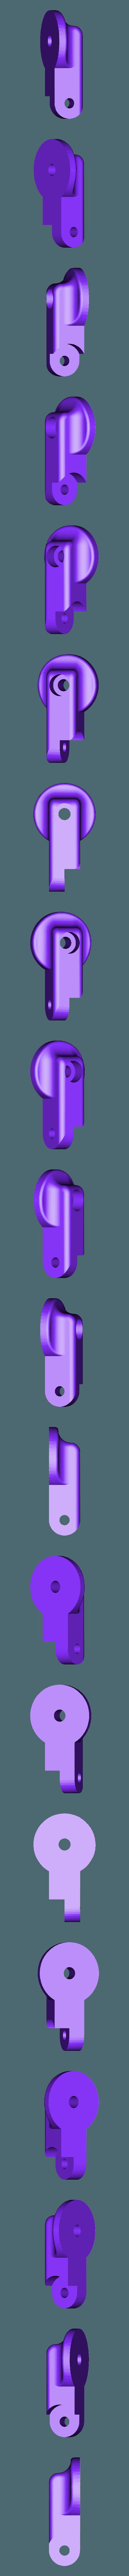 Mount2b.STL Télécharger fichier STL gratuit Projecteur GU5.3 • Design pour imprimante 3D, MrCrankyface